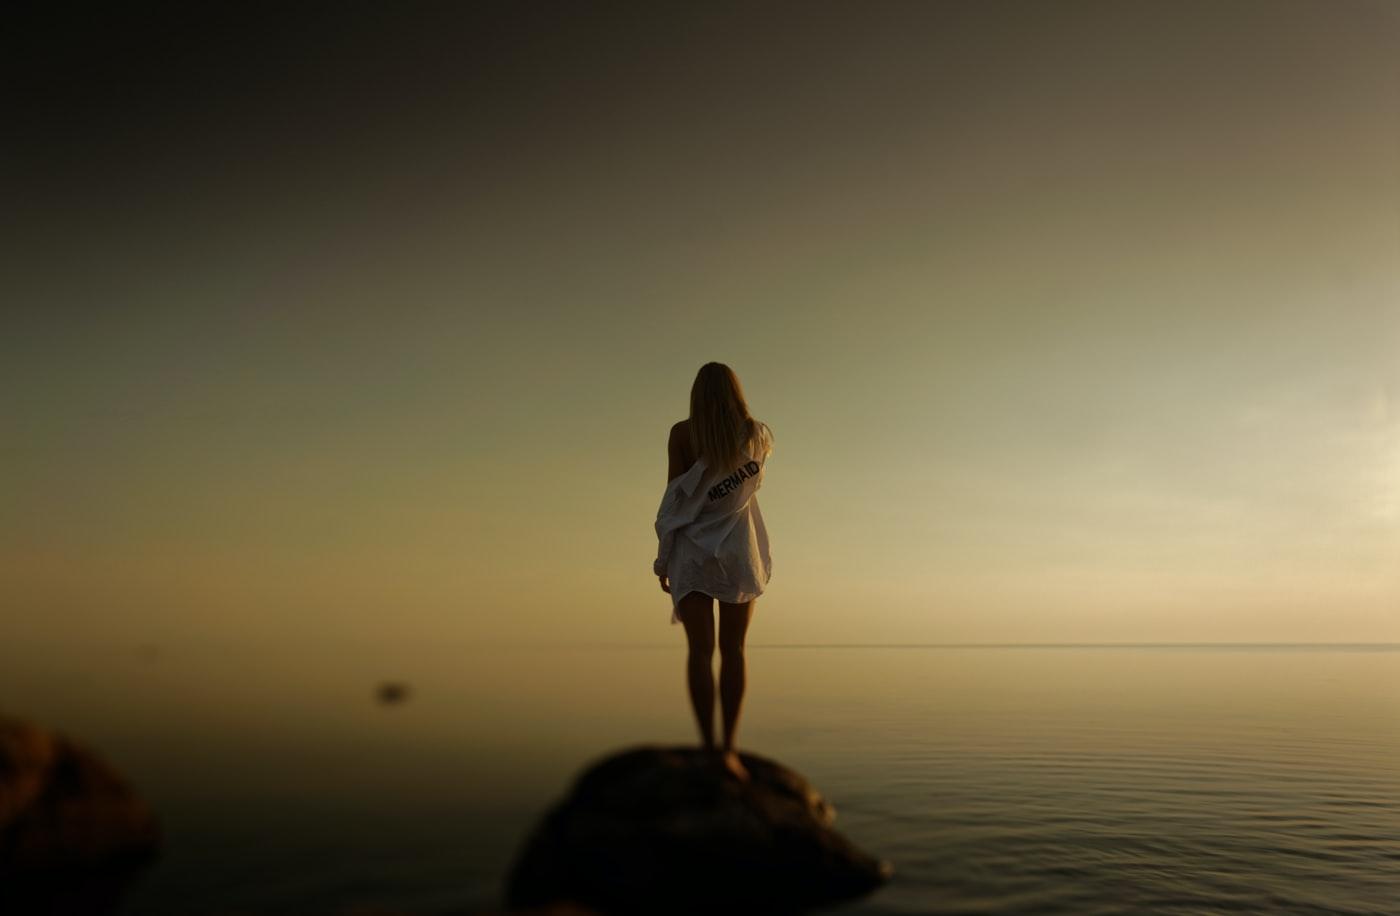 Ποτέ δεν θα είσαι αρκετός για κάποιον που δεν έχει μάθει να αγαπάει